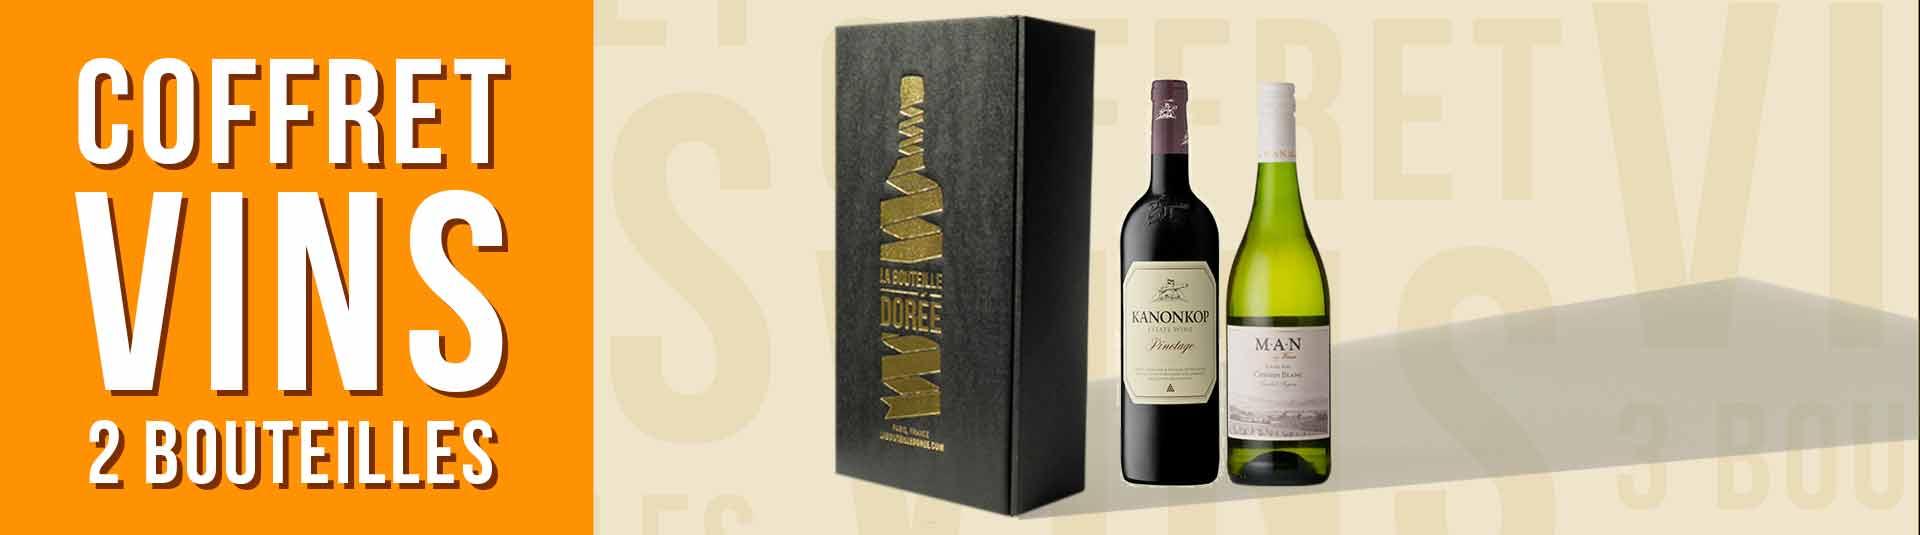 Coffret vin Afrique du Sud 2 bouteilles